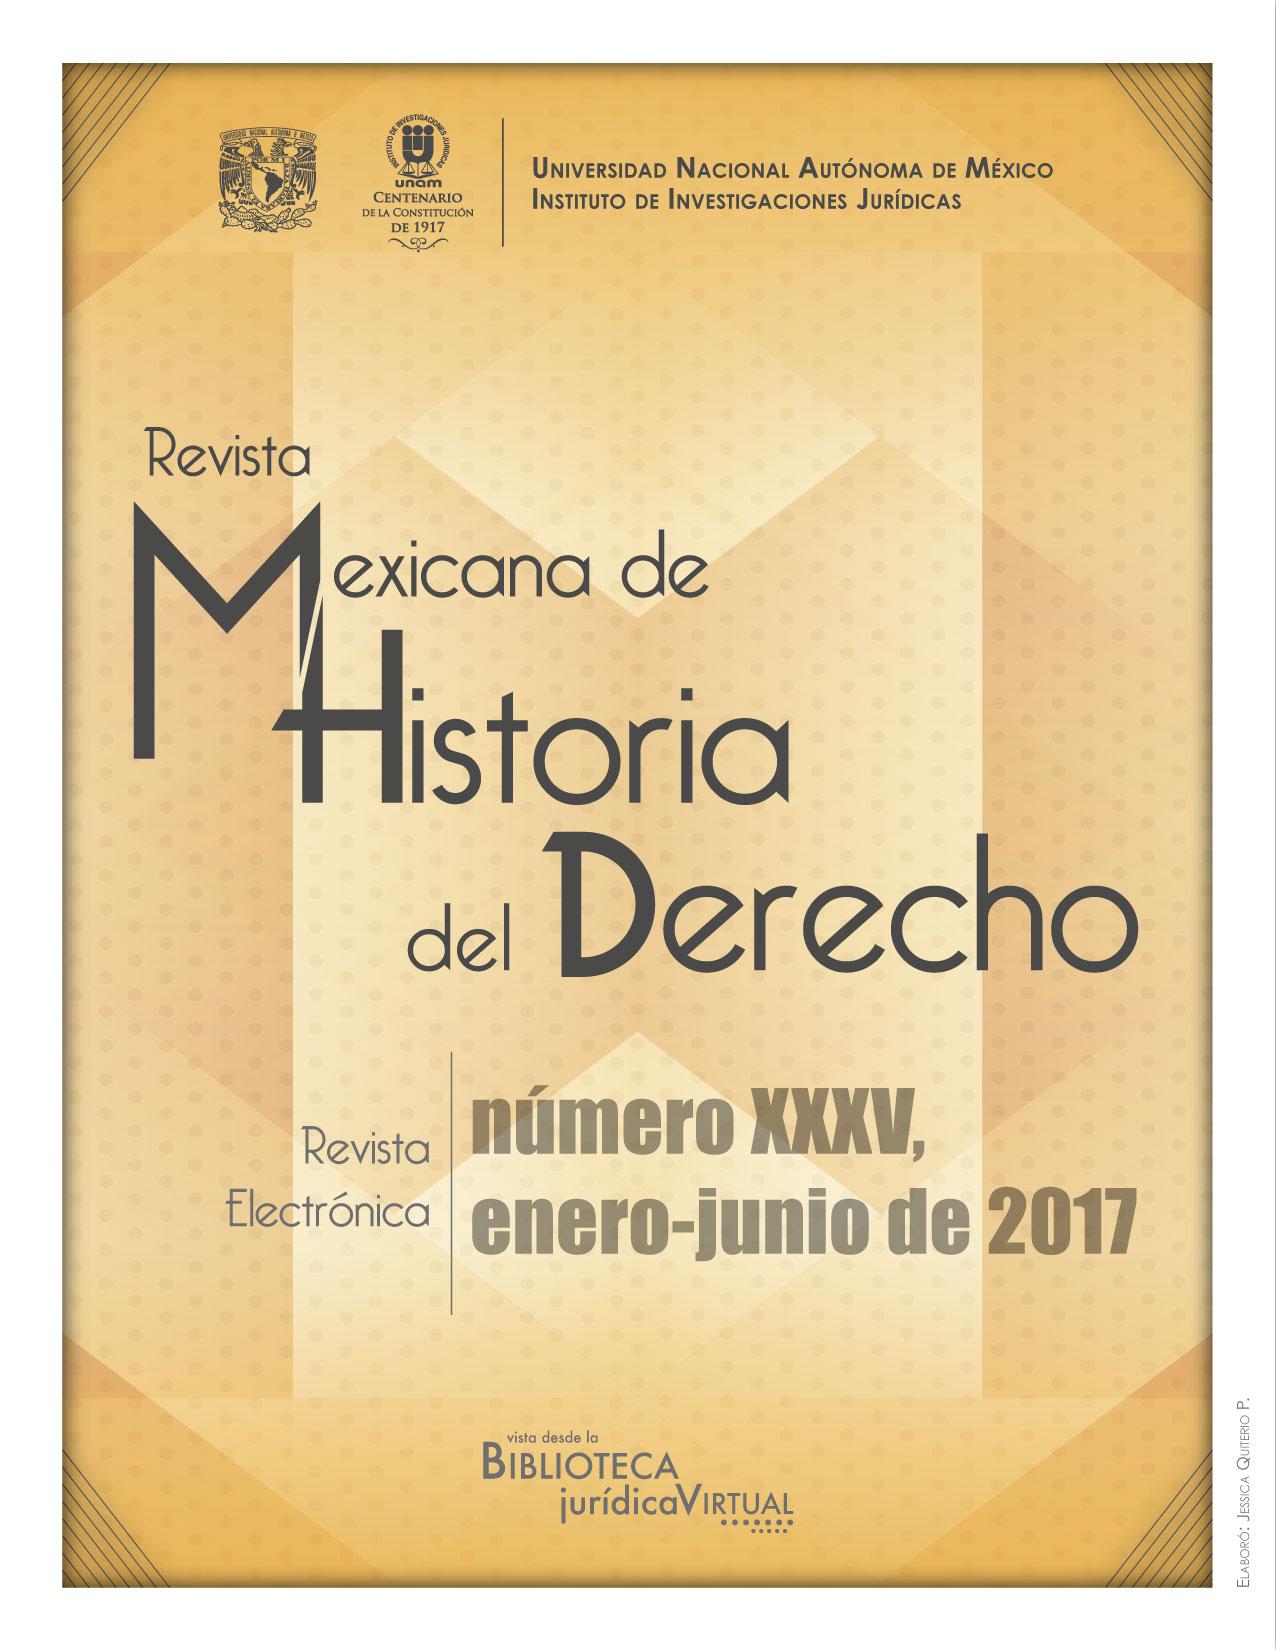 <b><i>Revista Mexicana de Historia del Derecho, número XXXV, enero-junio de 2017 </b></i>